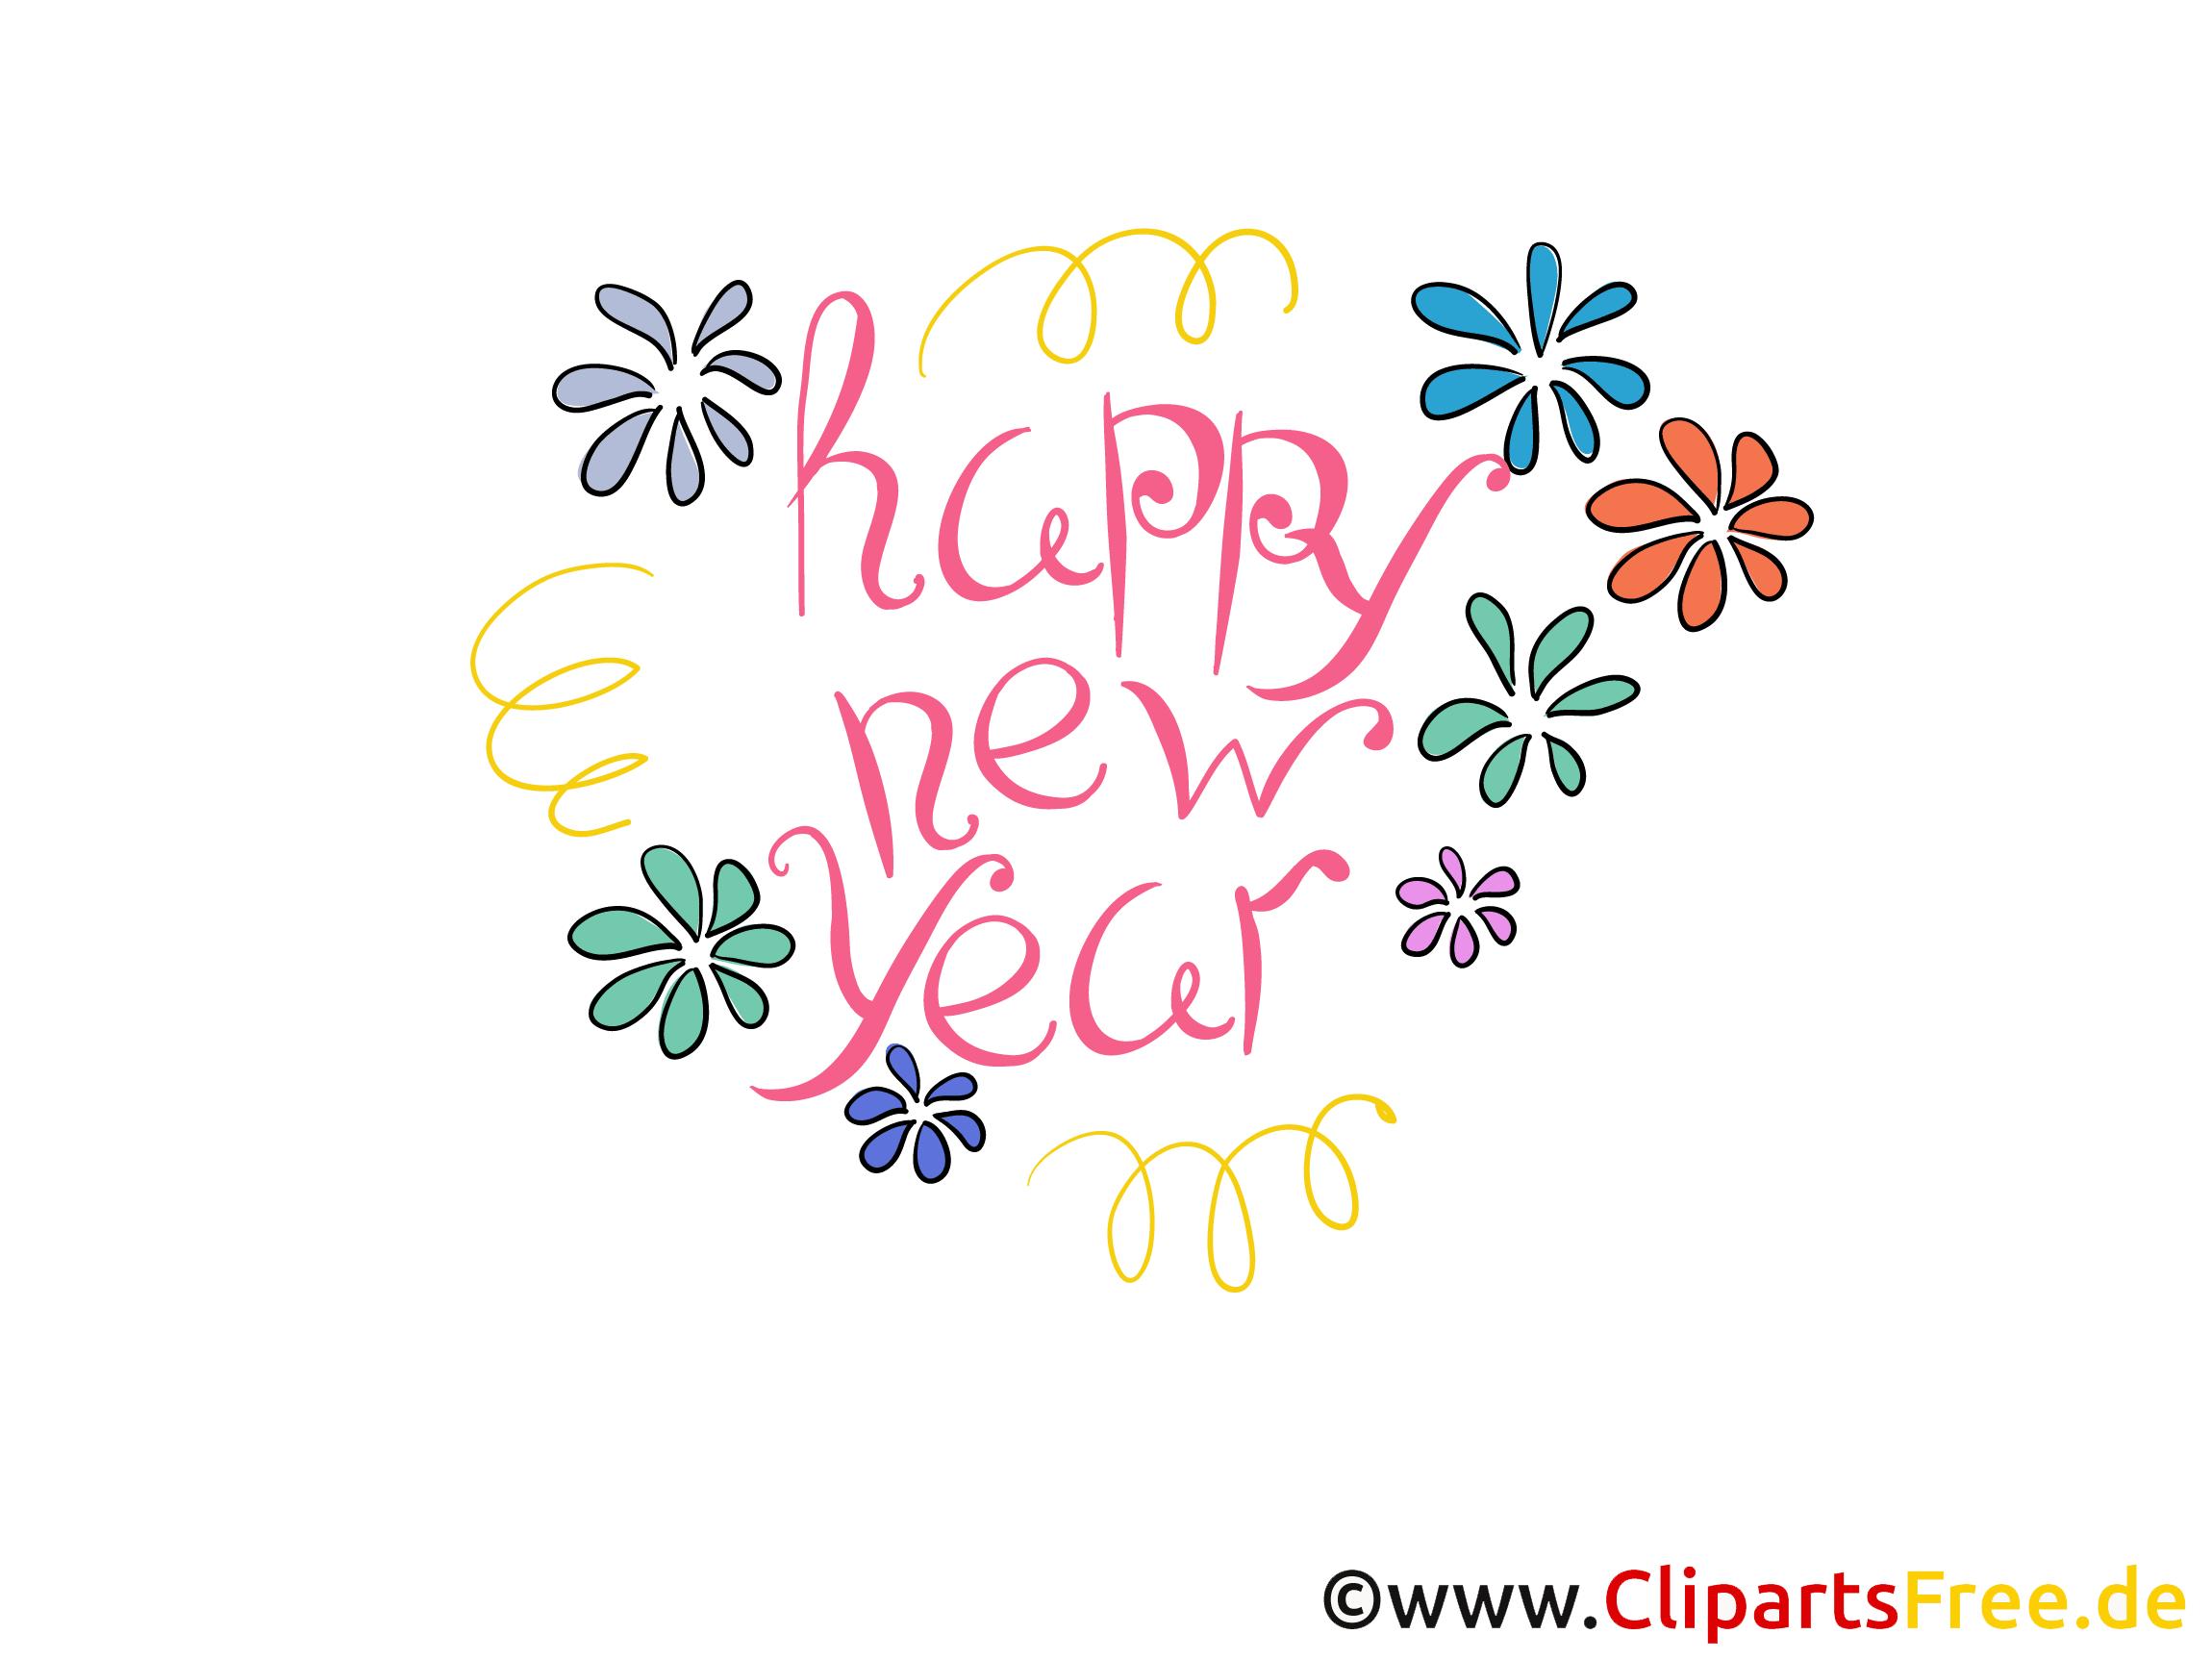 Bonne Année - Cartes de Vœux virtuelles gratuites